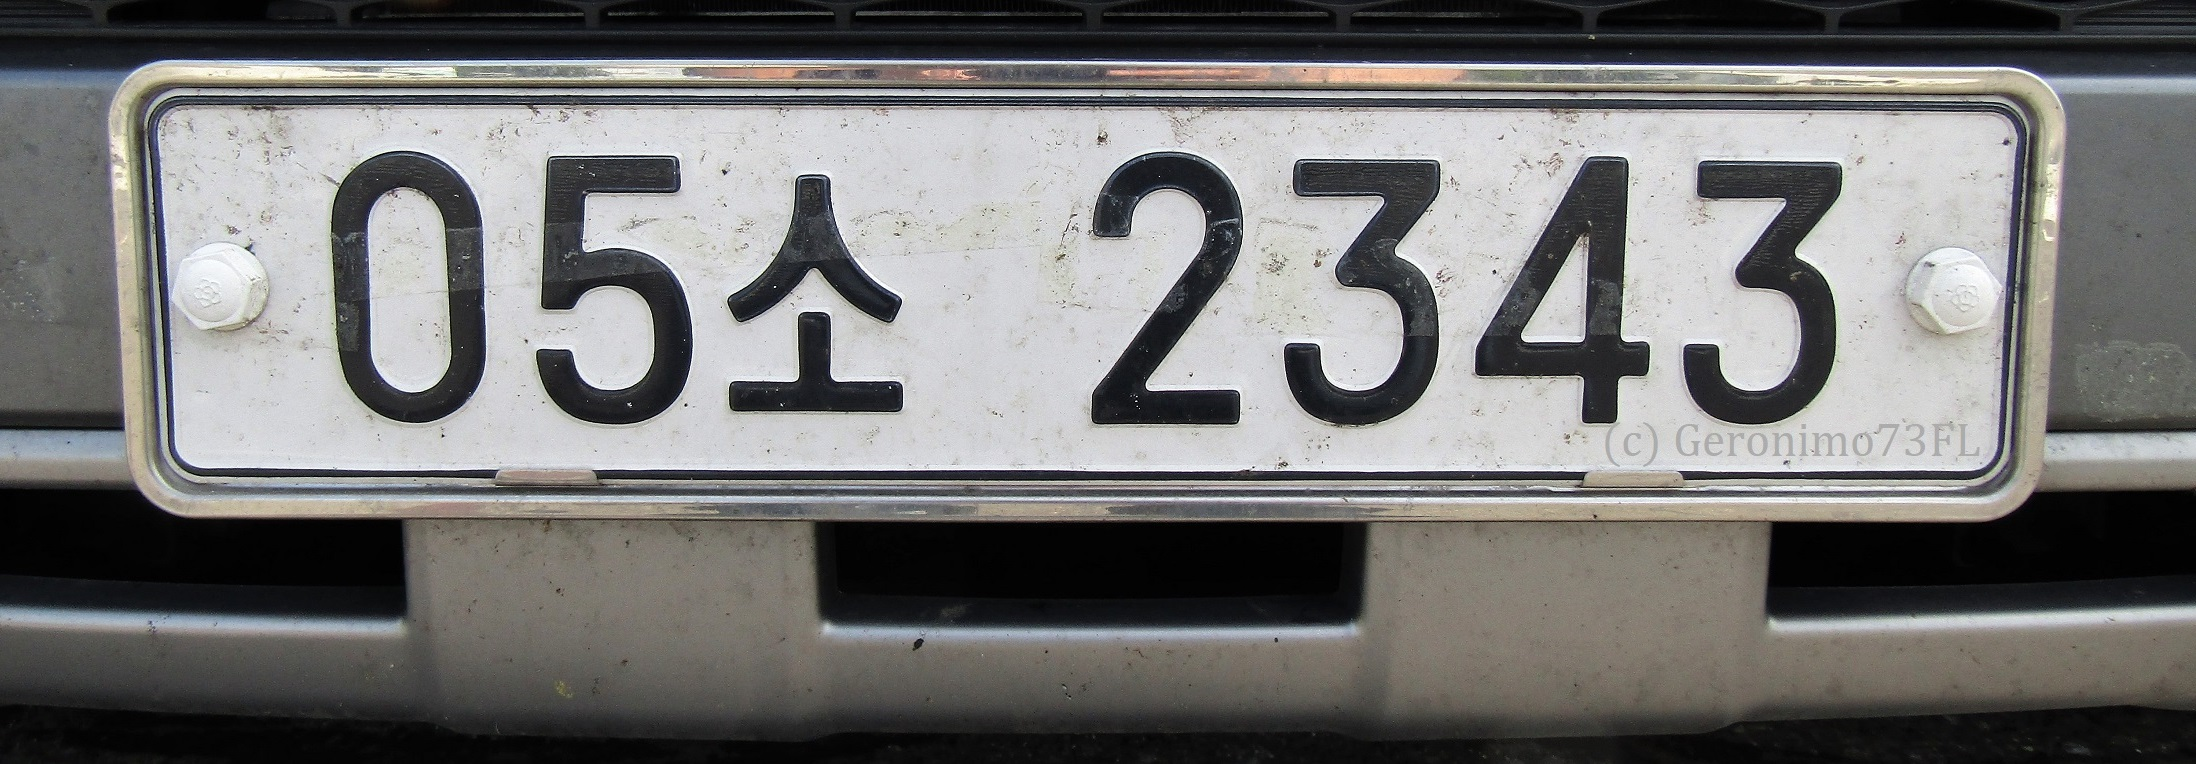 21154736.jpg